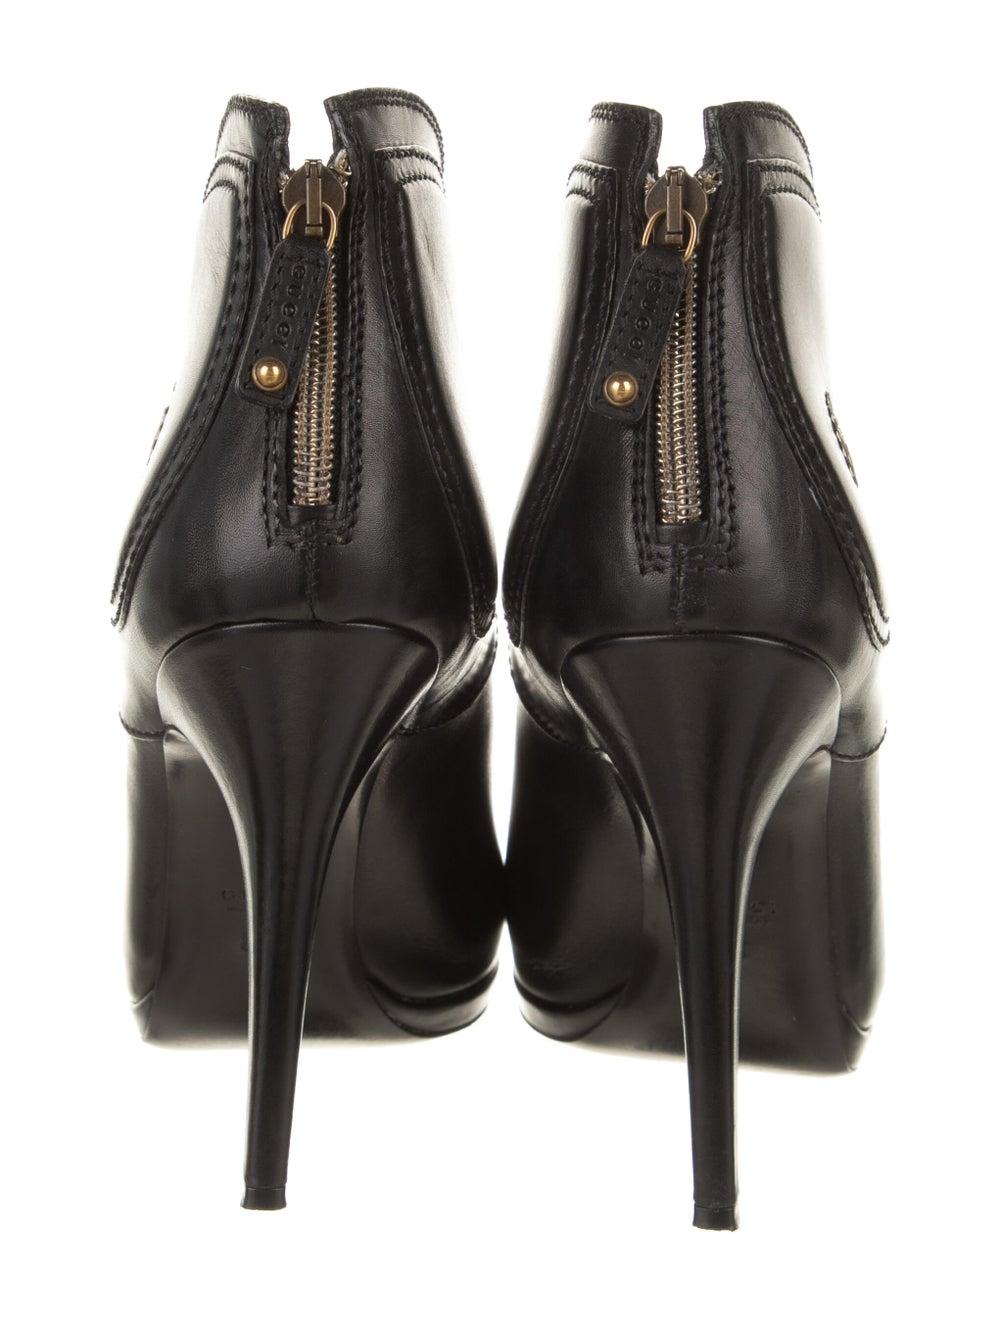 Gucci Diana Hysteria Accent Boots Black - image 4